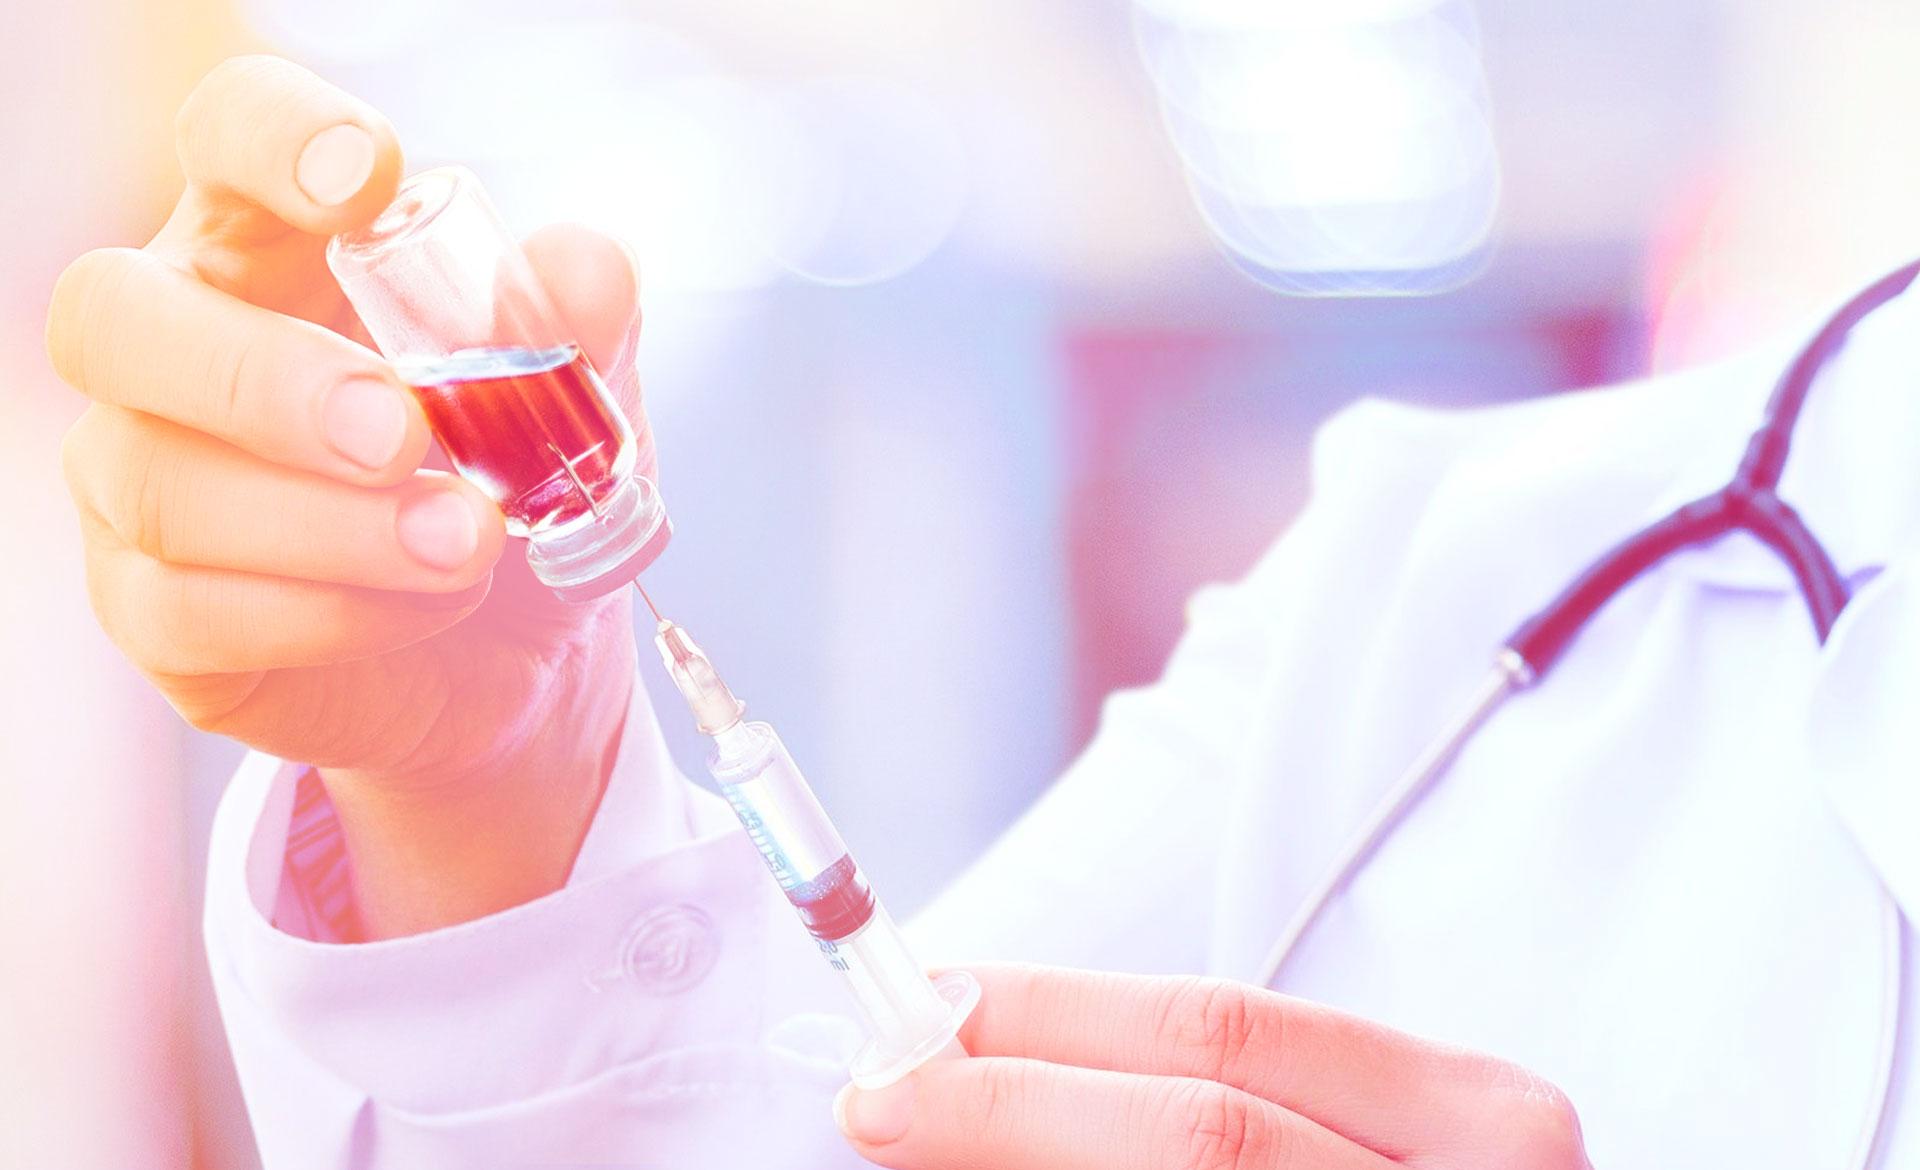 Companhia farmacêutica anuncia resultado positivo do estudo com Imunoterapia (pembrolizumabe) em Câncer de Mama Triplo Negativo.